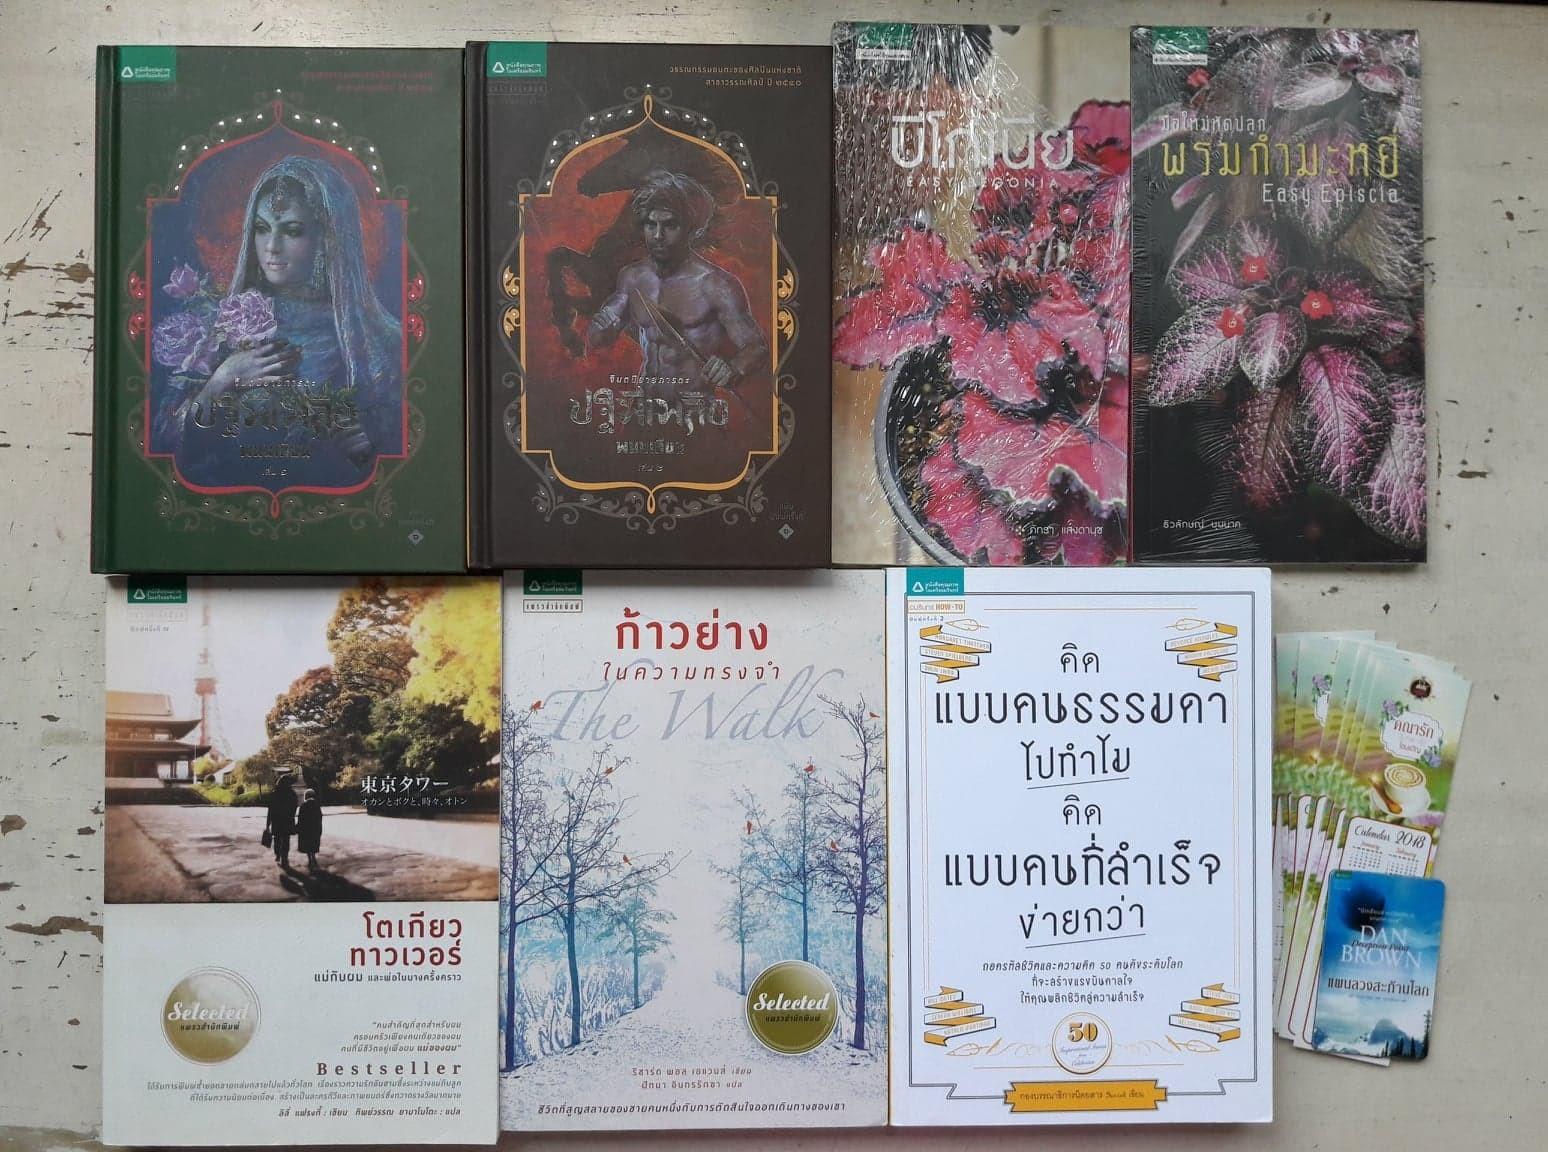 สั่งมาทั้งหมด 7 เล่ม พอดีกับราคาที่ได้ส่งฟรี สุดยอดเลย หนังสือปฐีเพลิงเนี่ยกระดาษเหลืองแต่สภาพเล่มดีมาก ปกหม่นๆนิดหน่อย เล่มอื่นๆก็สีปกหม่นลงนิดหน่อย มุมปกไม่เรียบเท่านั้นเอง